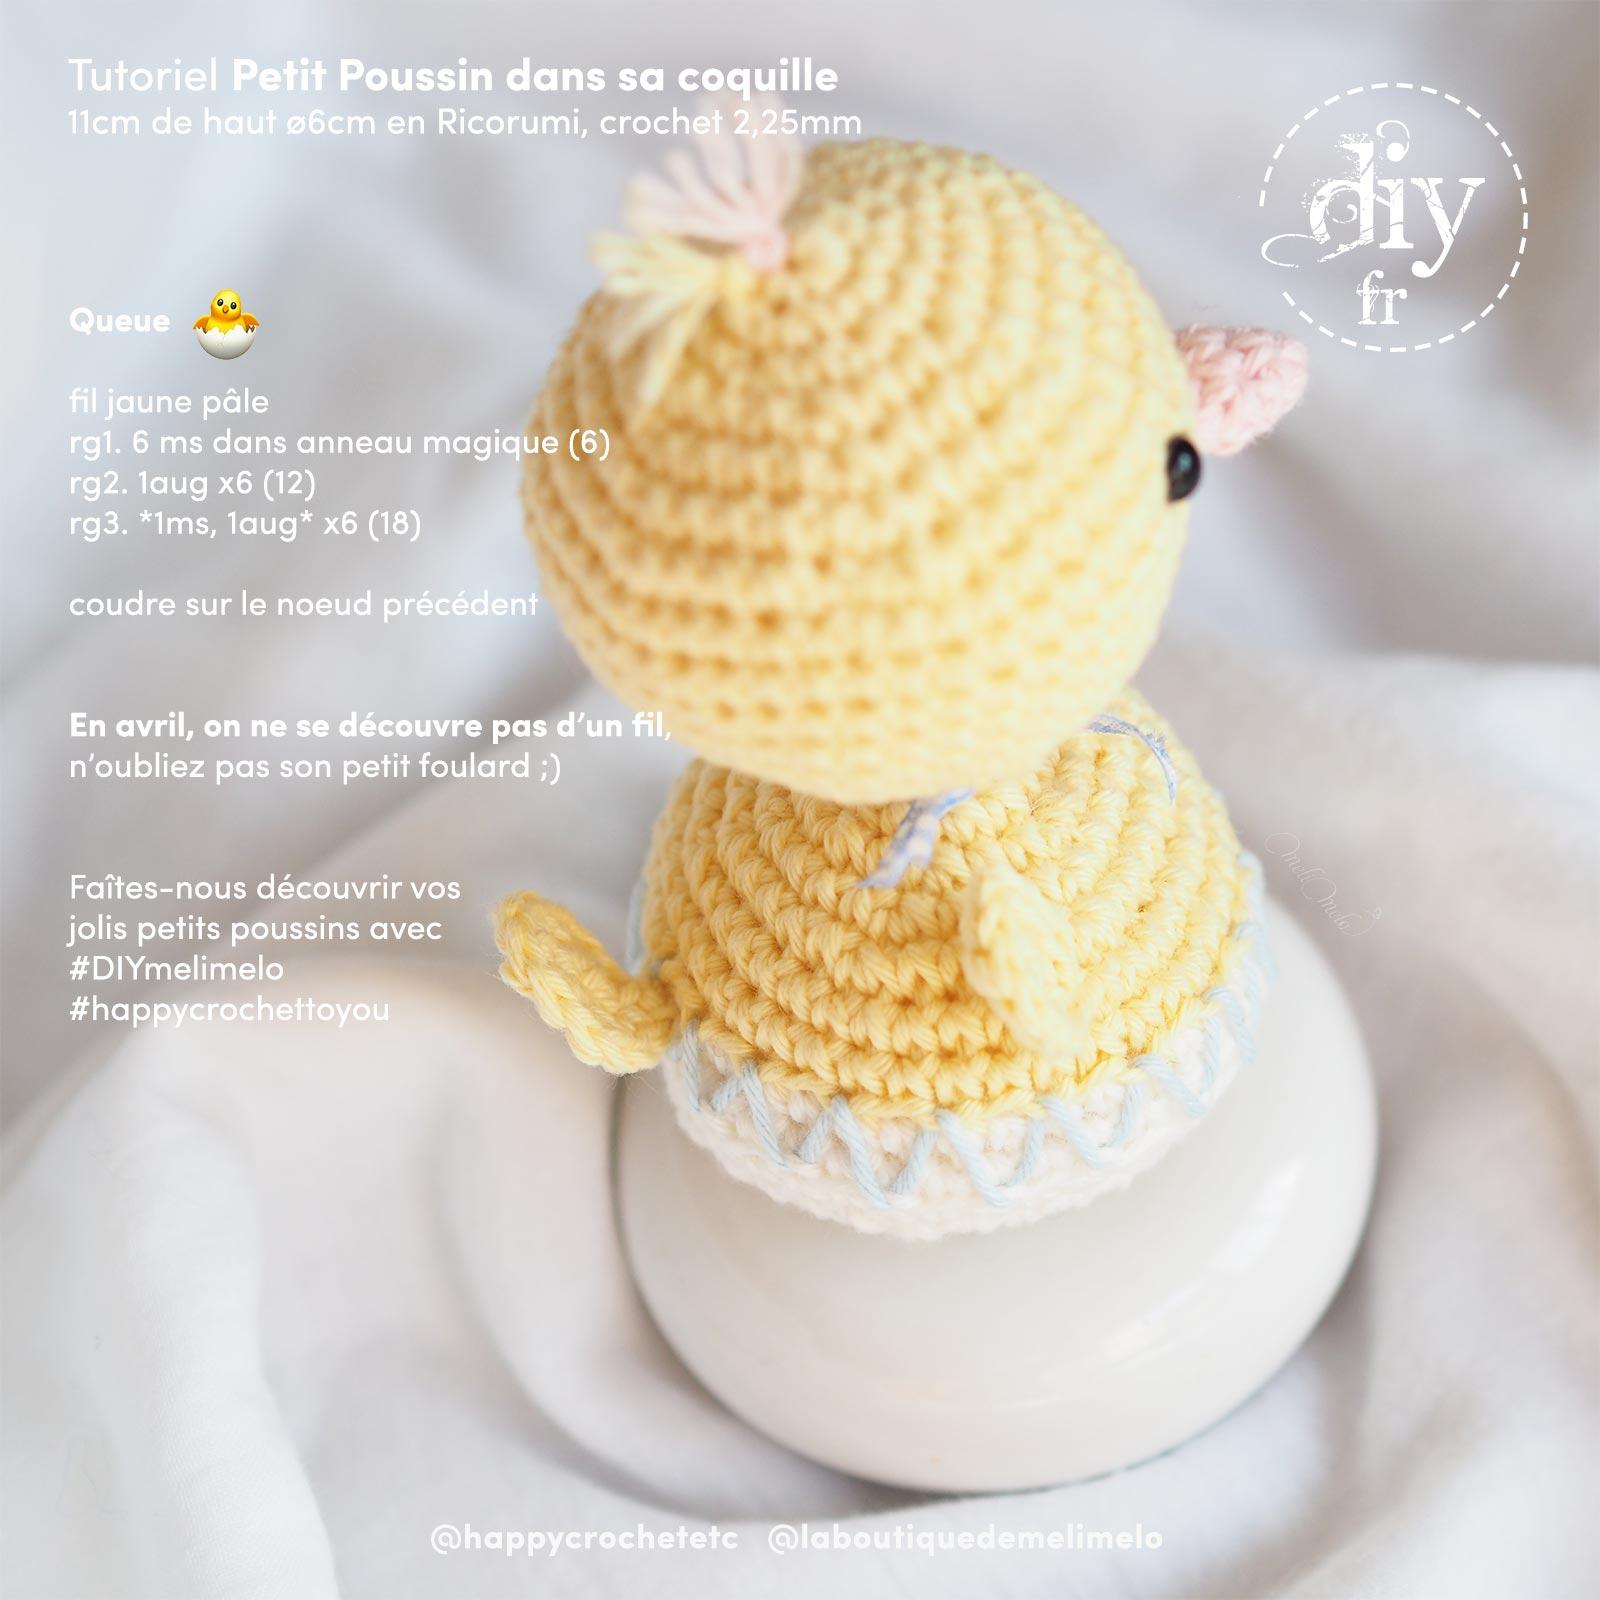 DIY-crochet-poussin-pâques-laboutiquedemelimelo-happycrochetetc